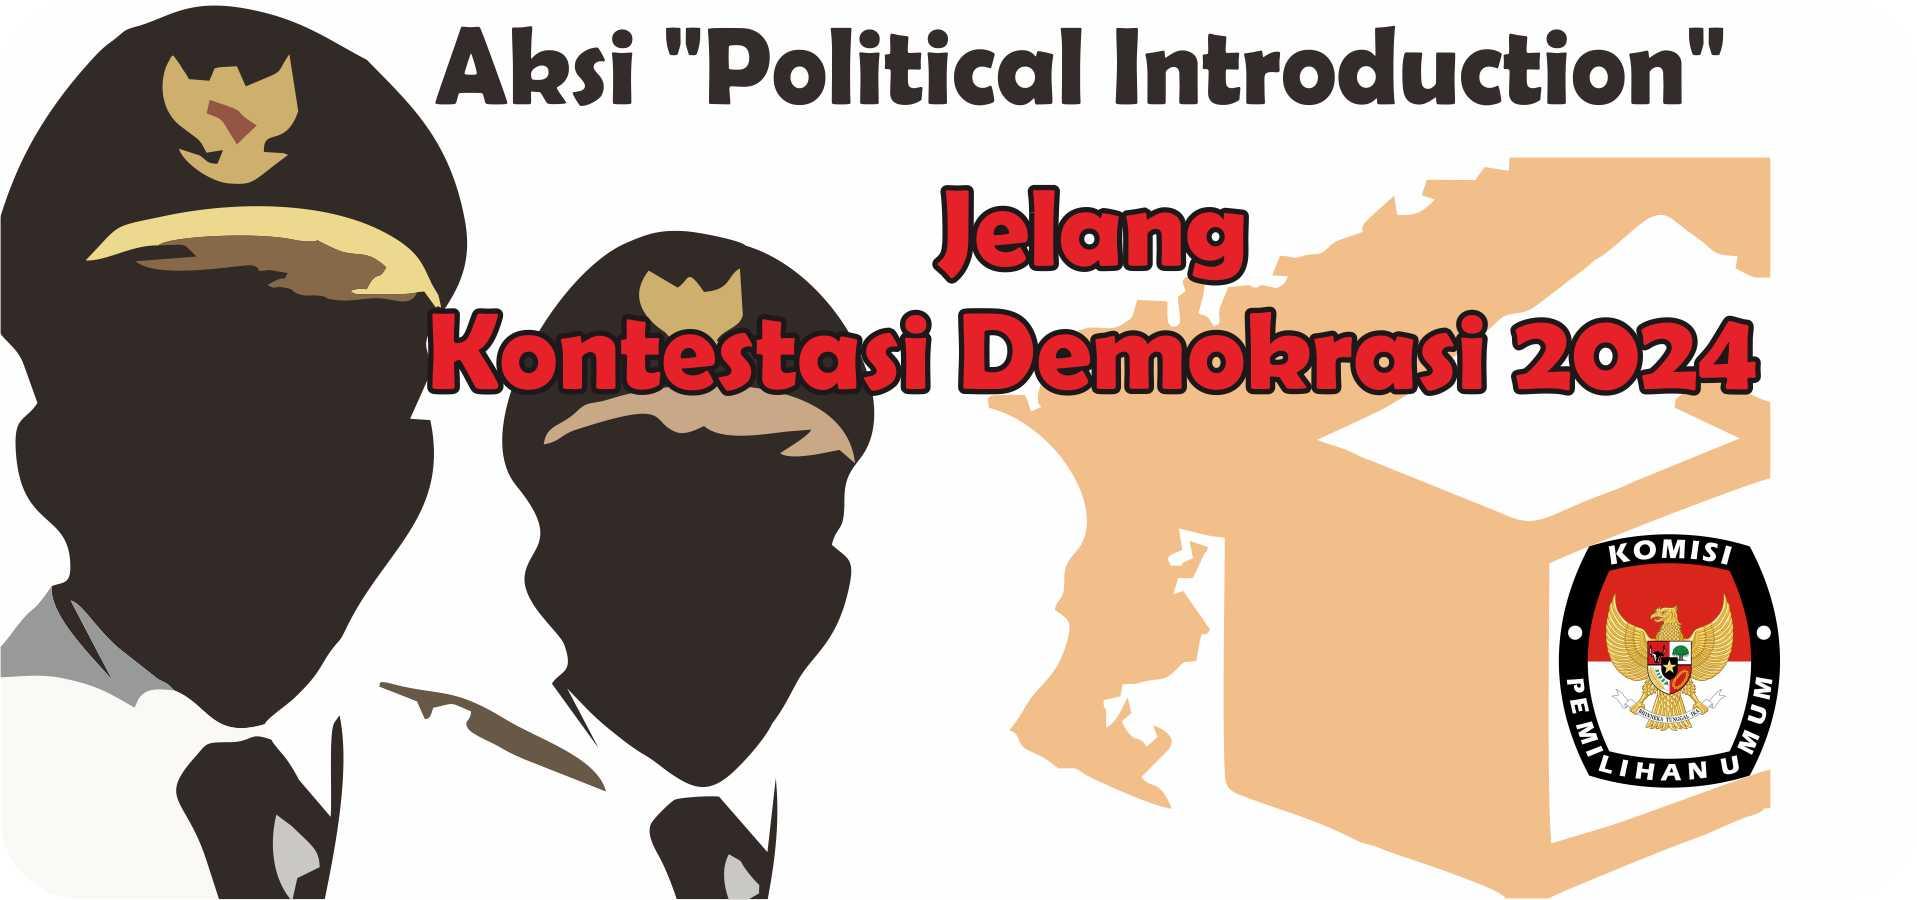 Ilustrasi Aksi Political Introduction para Calon Politik Jelang Kontestasi Demokrasi 2024 [WI]